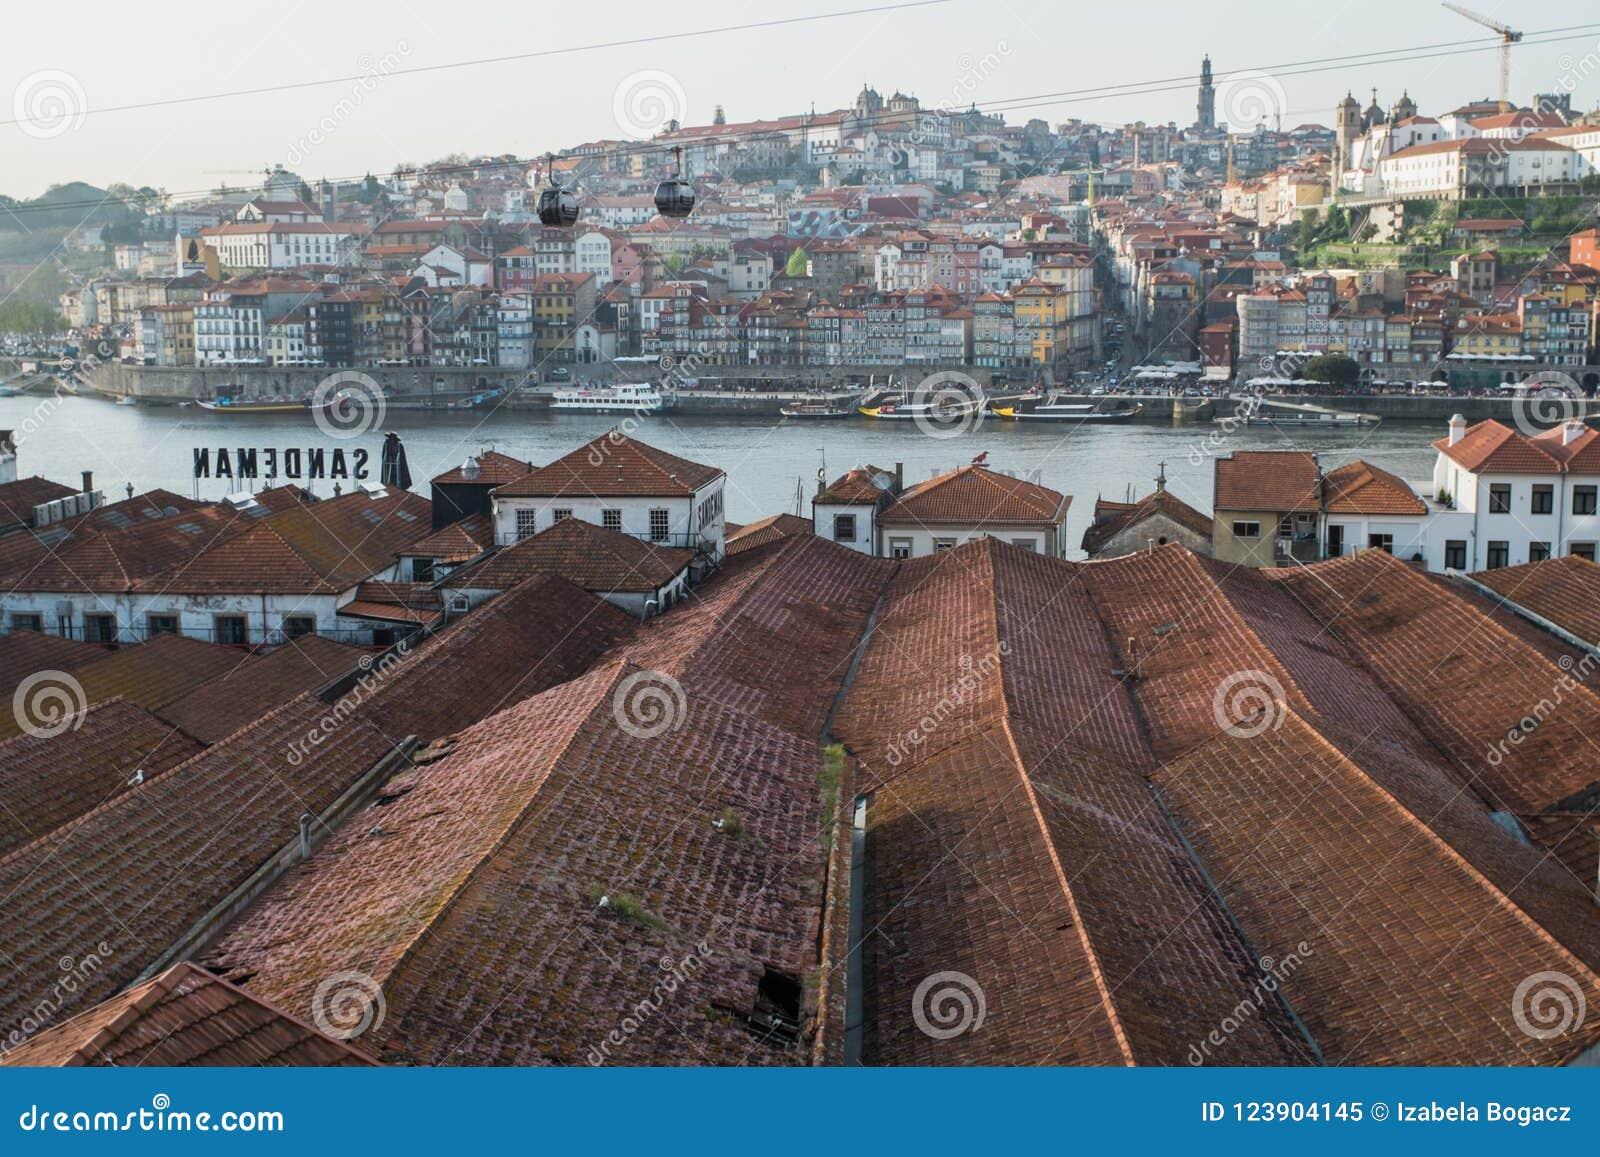 Πόρτο, Πορτογαλία - 23 Απριλίου 2018: Άποψη της Βίλα Νόβα ντε Γκάια και